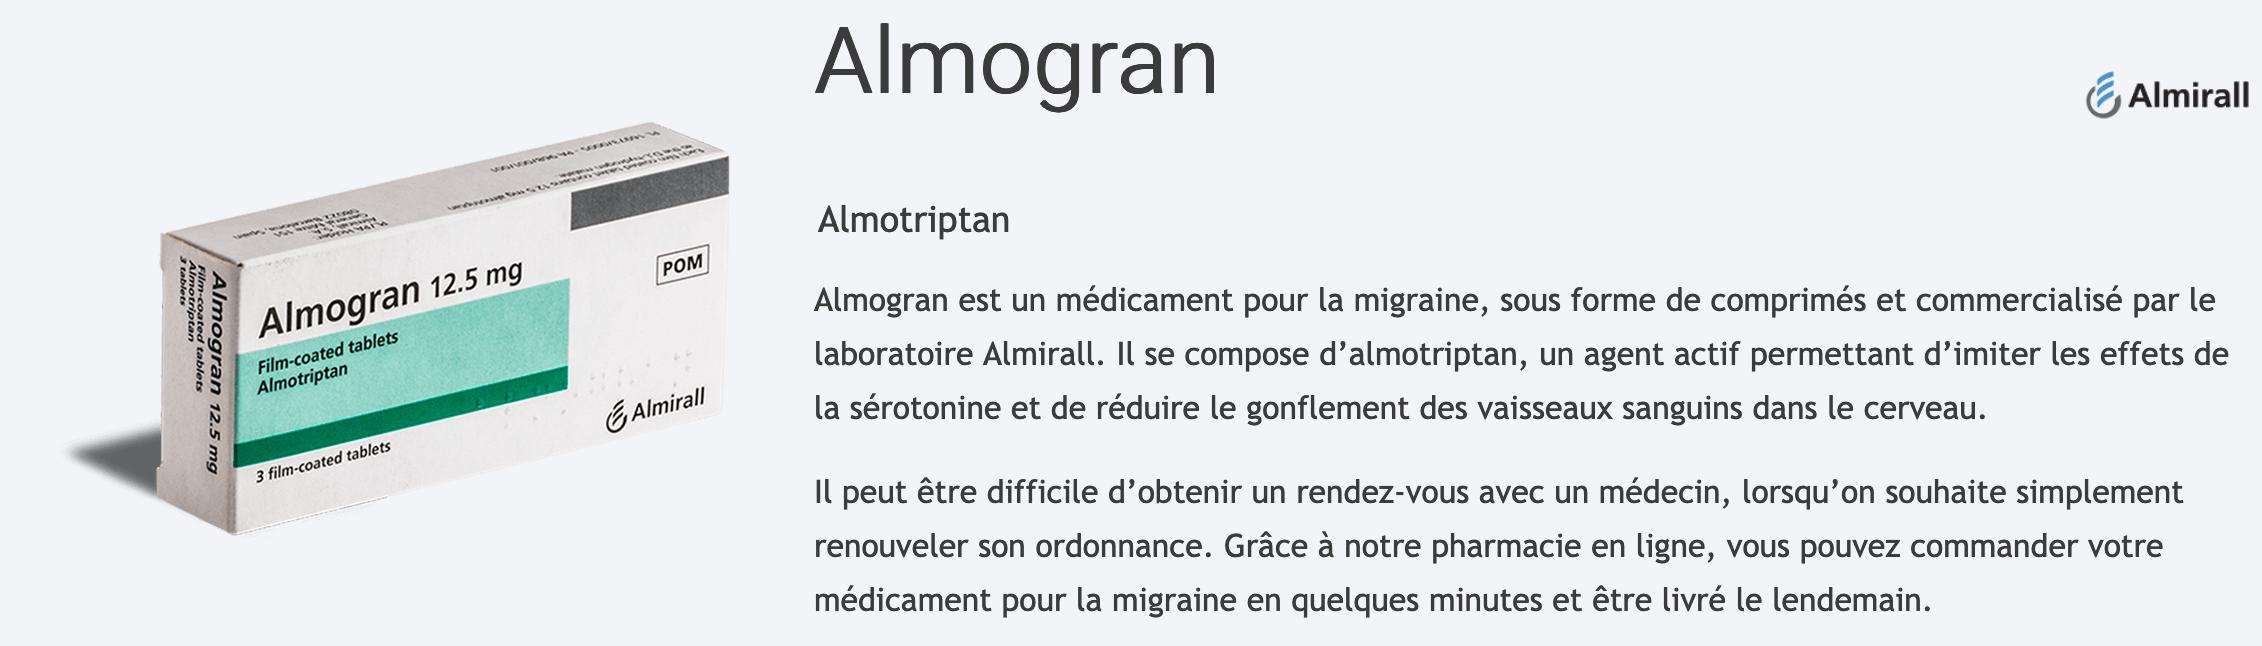 almogram